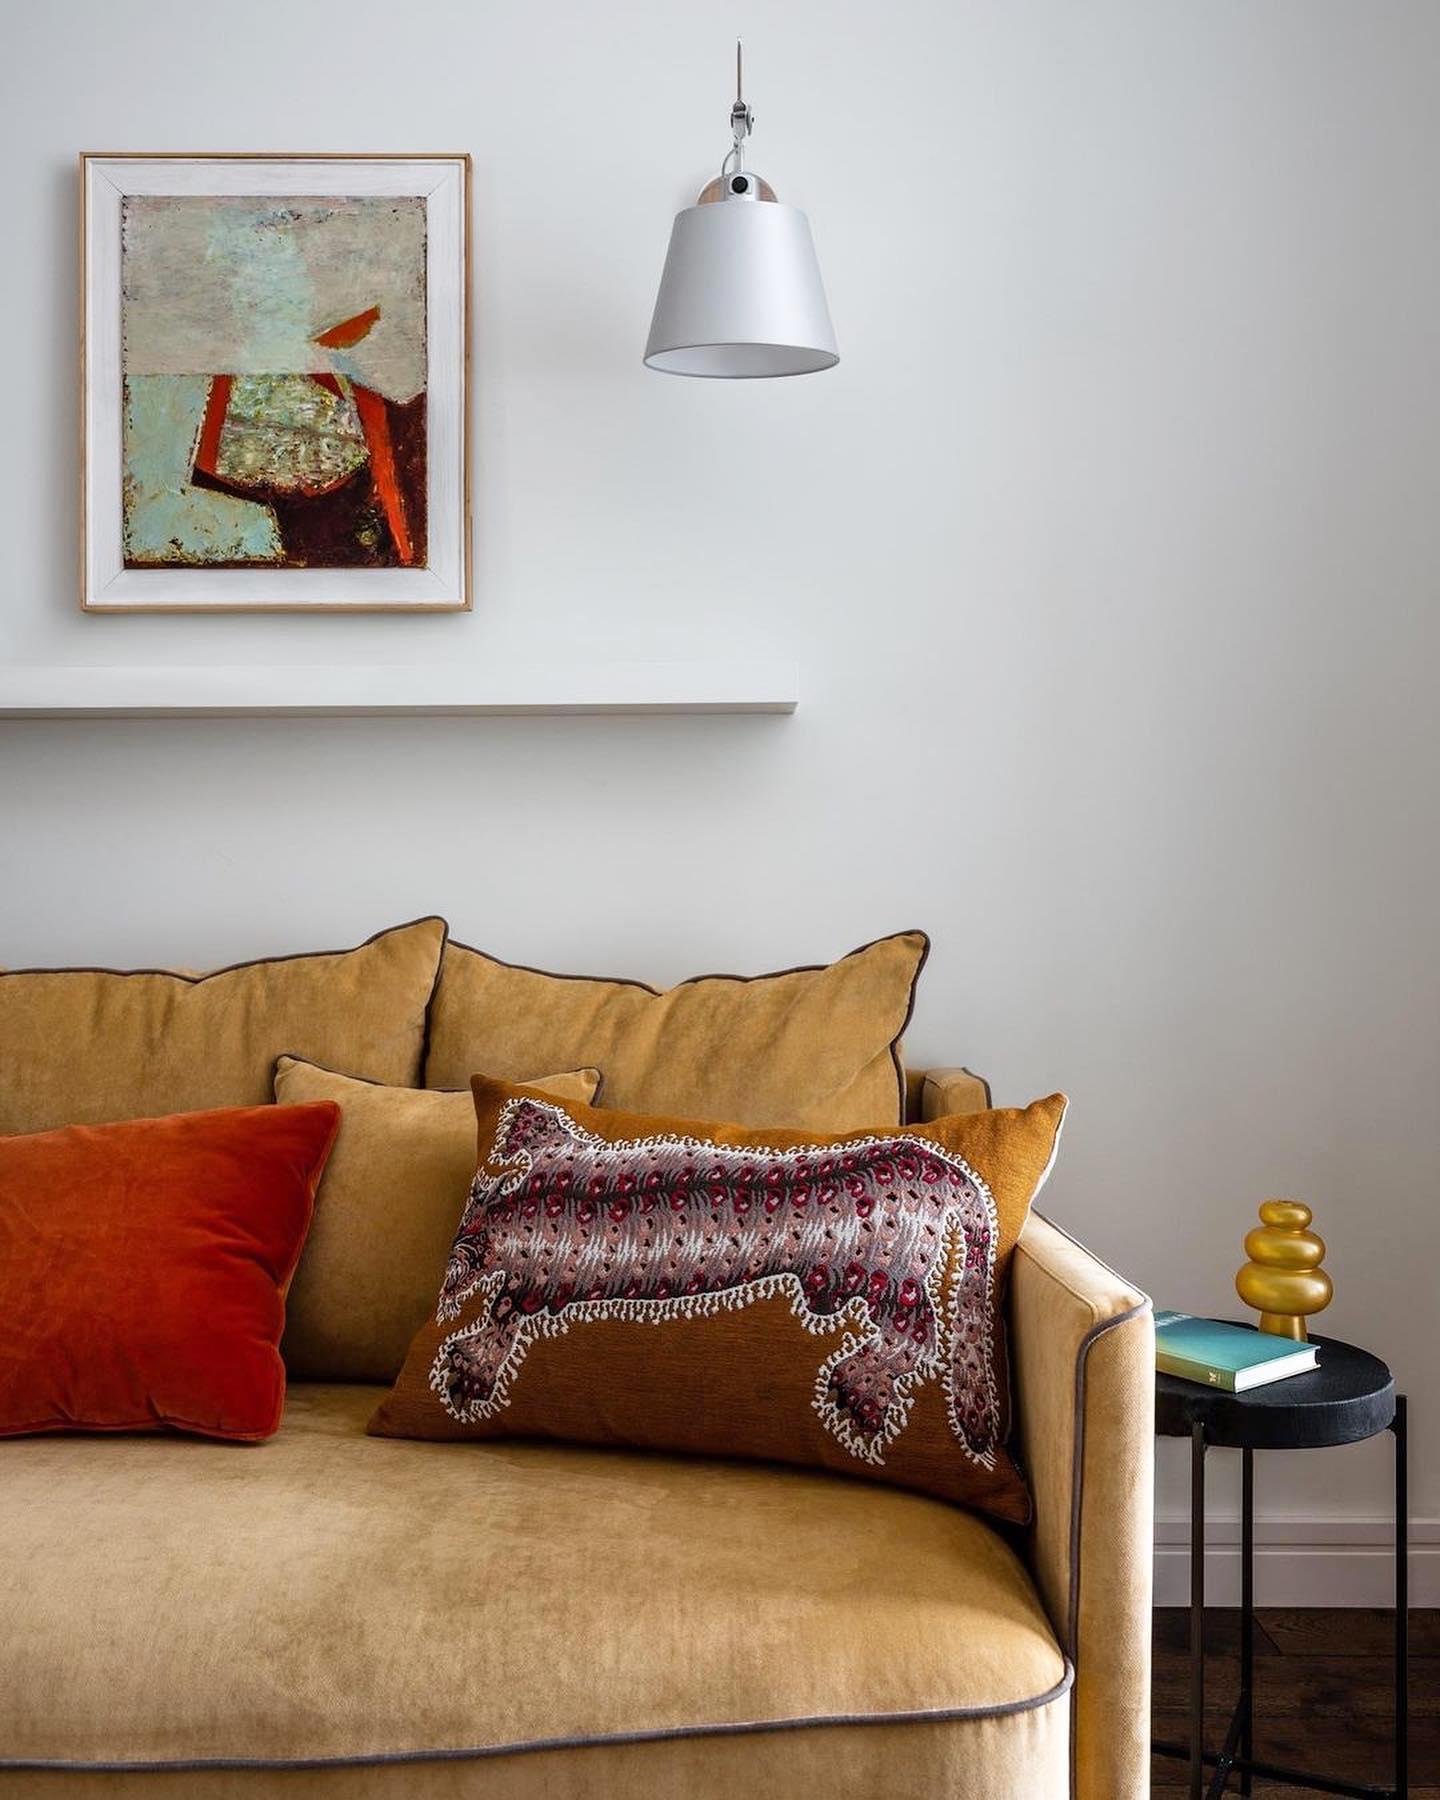 Подборка дизайн-проектов с диванами нашего производства.    Мягкая мебель из нашего каталога выглядит гармонично в разных интерьерах, от хюгге по-московски до нео-классики. Мы выбрали 5 проектов, которые по-разному раскрывают сущность диванов Case и Soho — выбирайте в комментариях вашего фаворита!    Авторы проектов:  1. @planka.buro @rudakova_design  2. @propertylabart  3-4. @catarina_dsn  5. @siempre_interior  6. @hopekamneva  На первых двух фото диван Soho, на остальных диваны из коллекции Case.    С полной коллекций мягкой мебели The IDEA вы можете ознакомиться по ссылке в профиле.